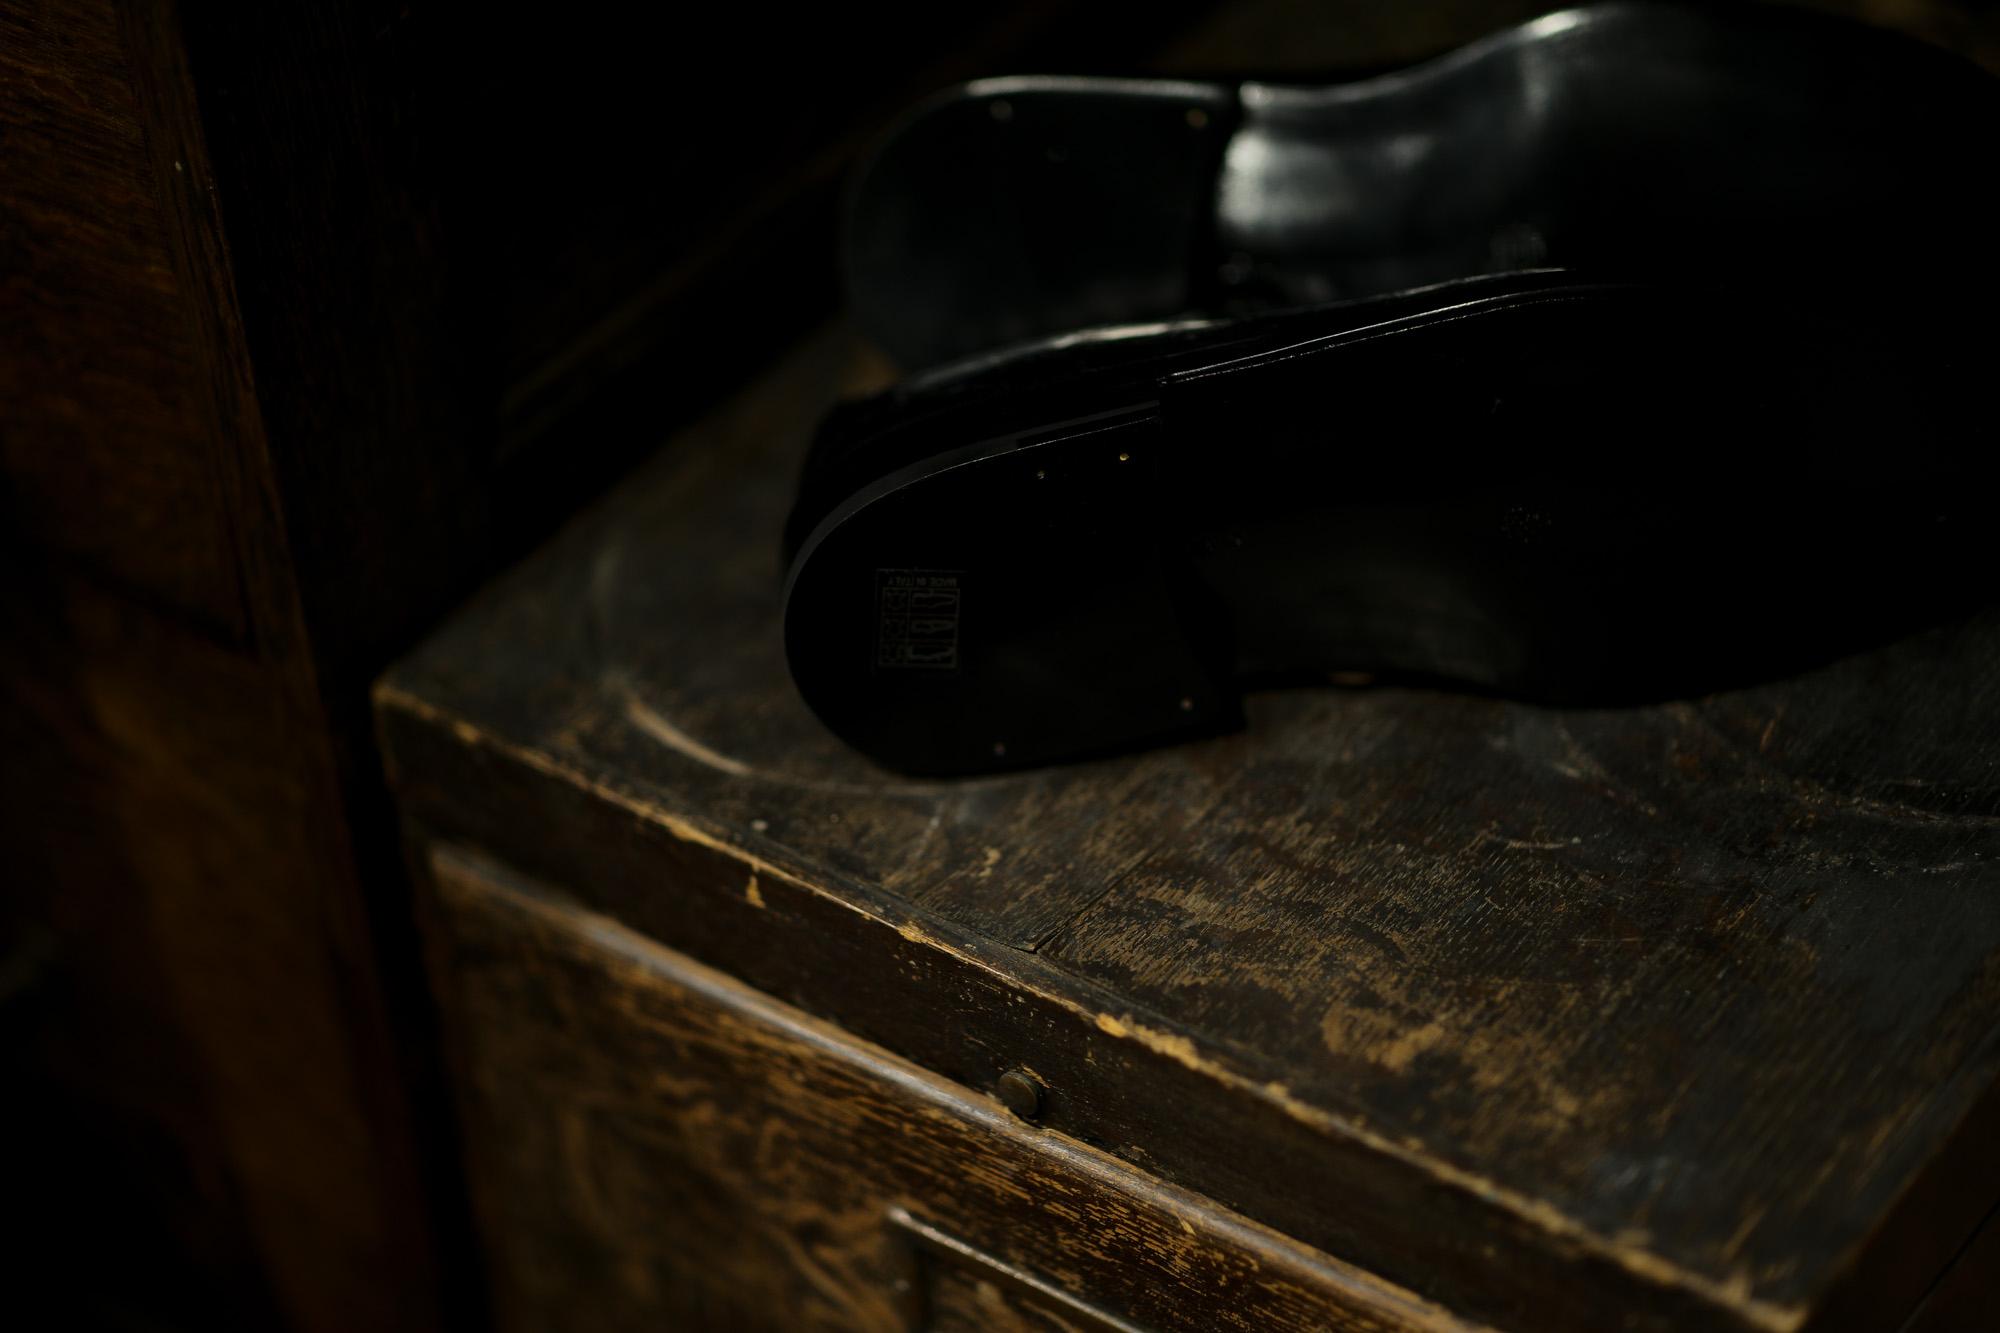 ENZO BONAFE(エンツォボナフェ) BERING(ベーリング) Crocodile クロコダイル ノルベジェーゼ製法 Uチップシューズ エキゾチックレザーシューズ COCCO NERO (ブラック)  made in italy(イタリア製) 2018秋冬新作 enzobonafe 愛知 名古屋 Alto e Diritto アルト エ デリット クロコ ハギ altoediritto アルトエデリット